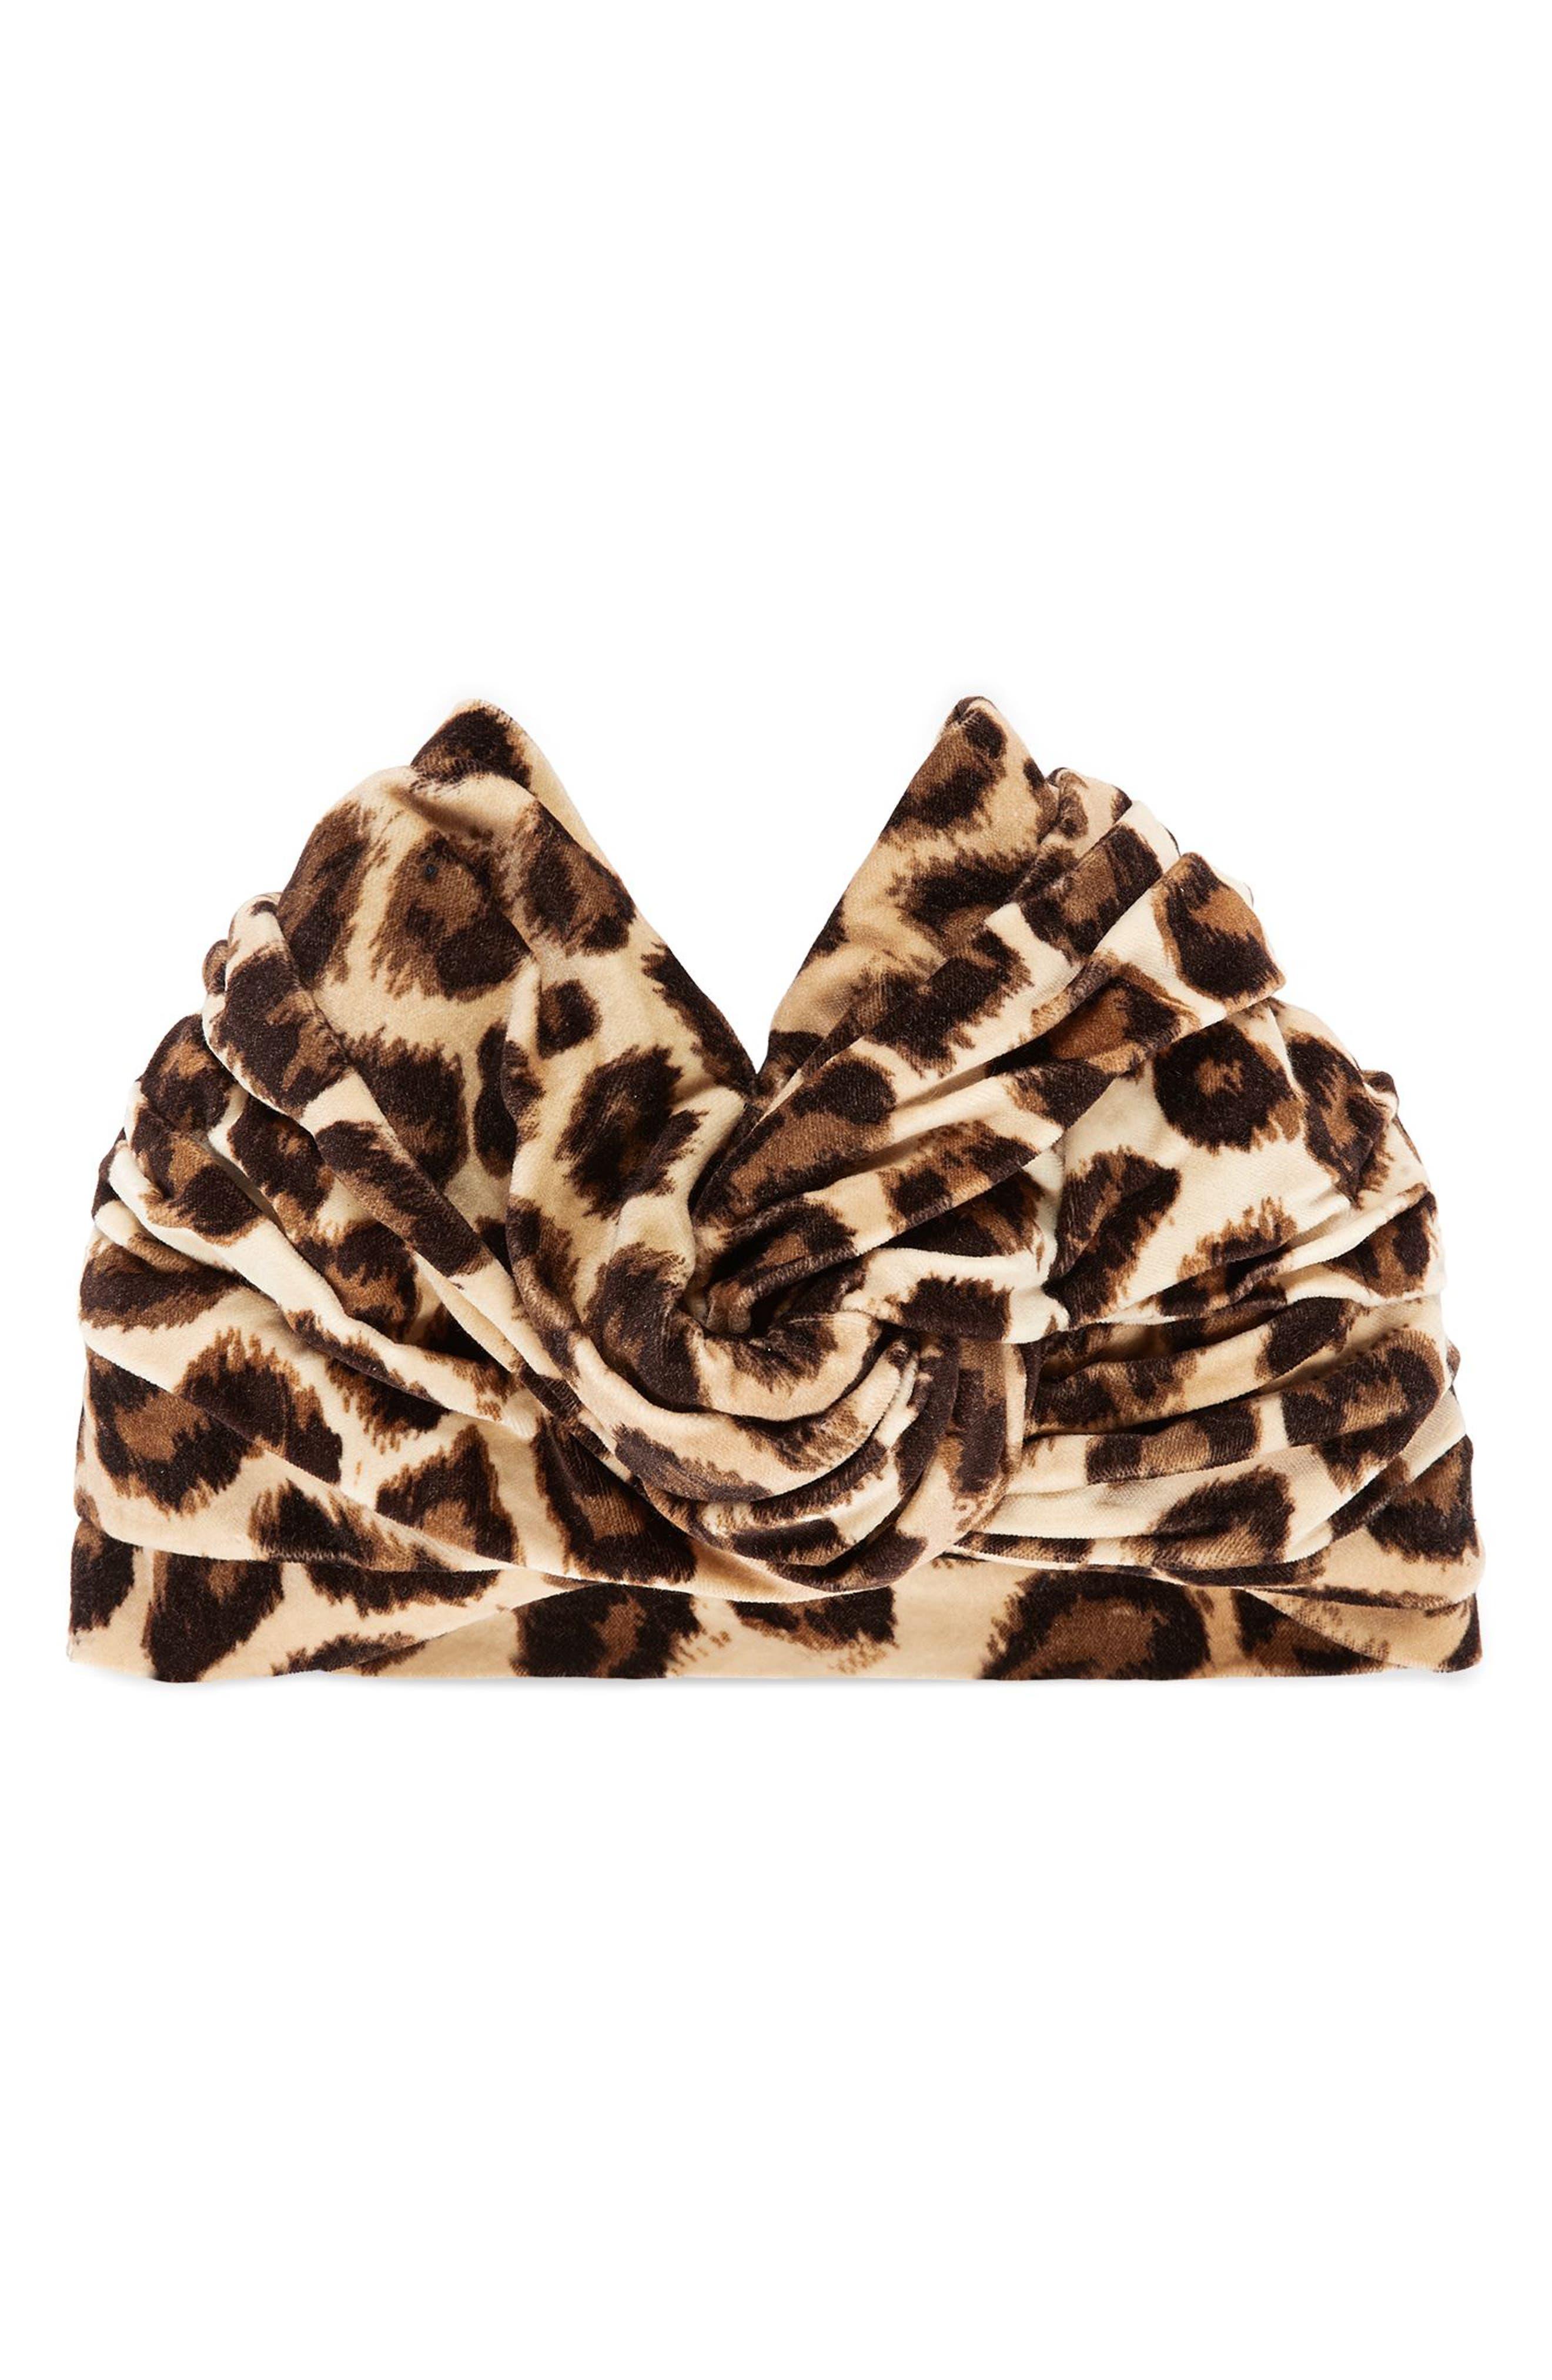 Lucileo Leopard Velvet Turban Headband,                         Main,                         color, Beige/ Black